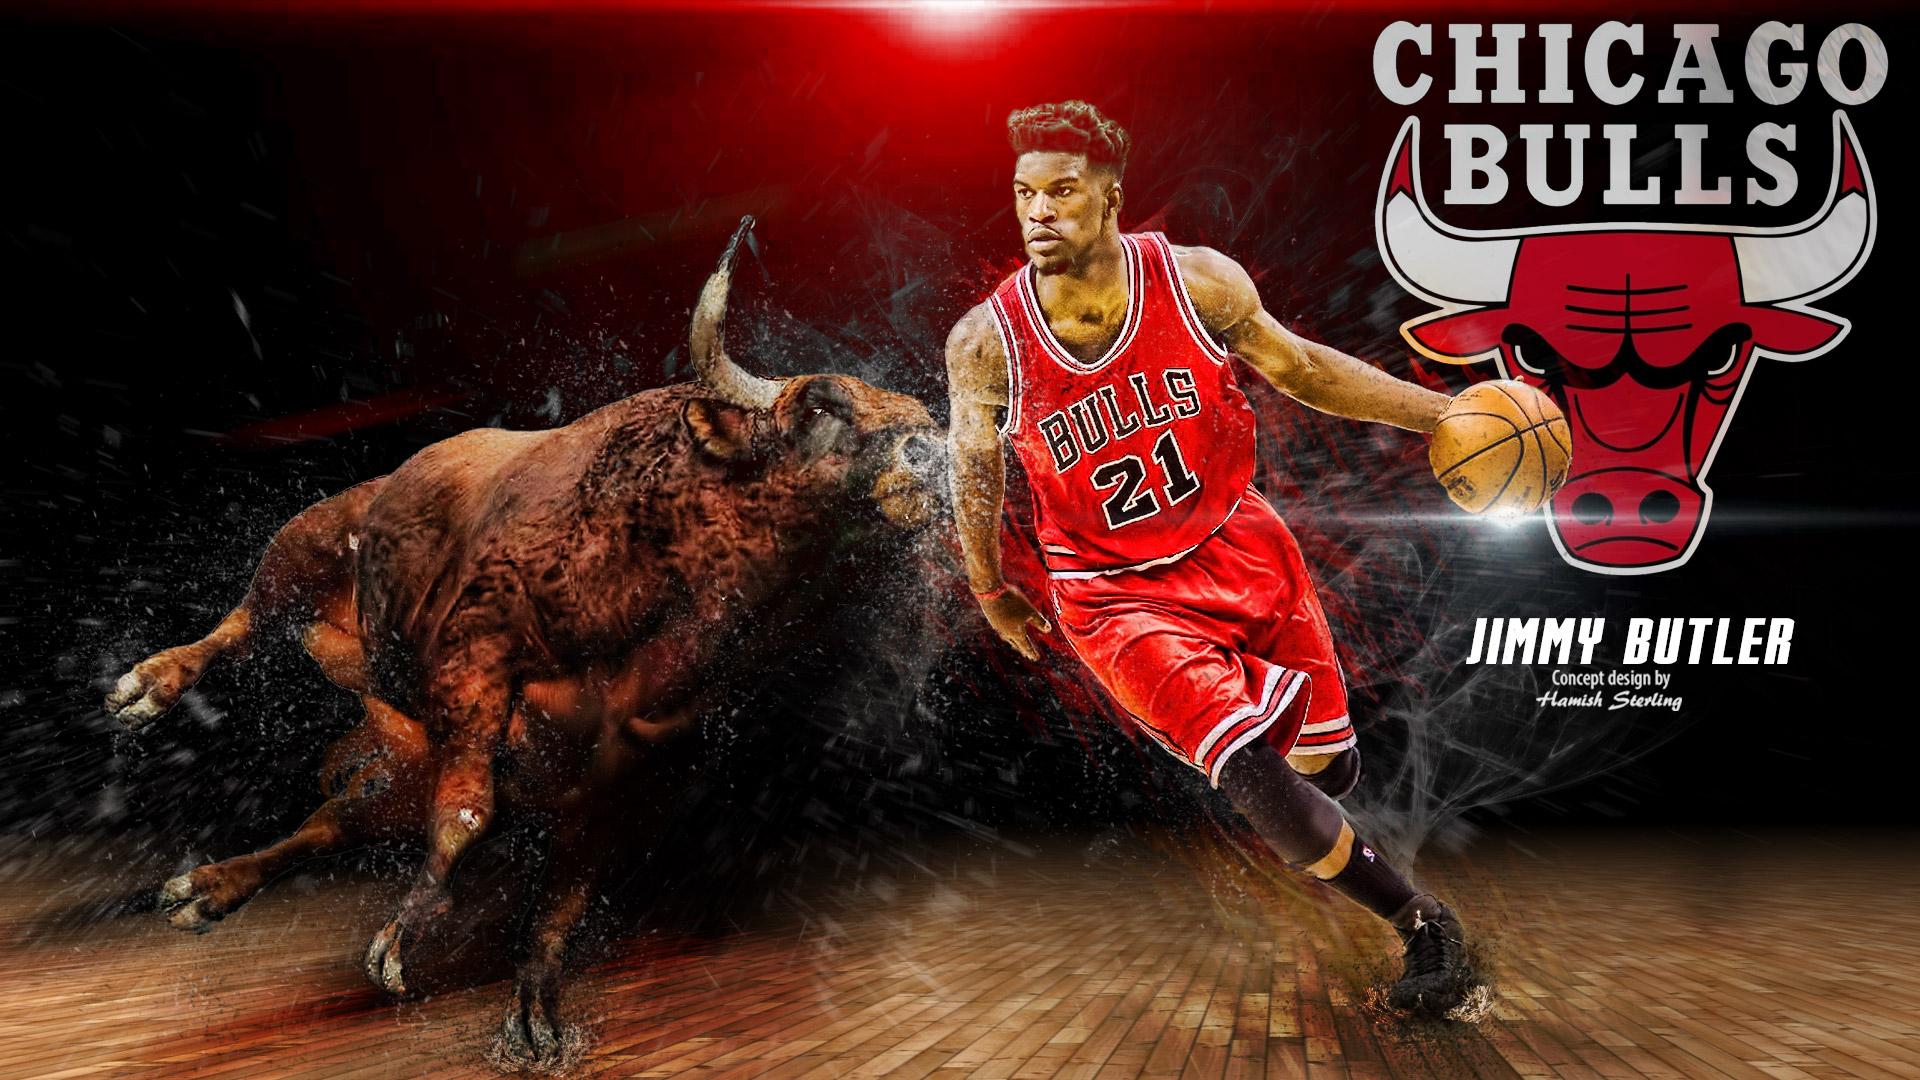 Wallpapers   Jimmy Butler Chicago Bulls 2016 Wallpaper wallpaper 1920x1080